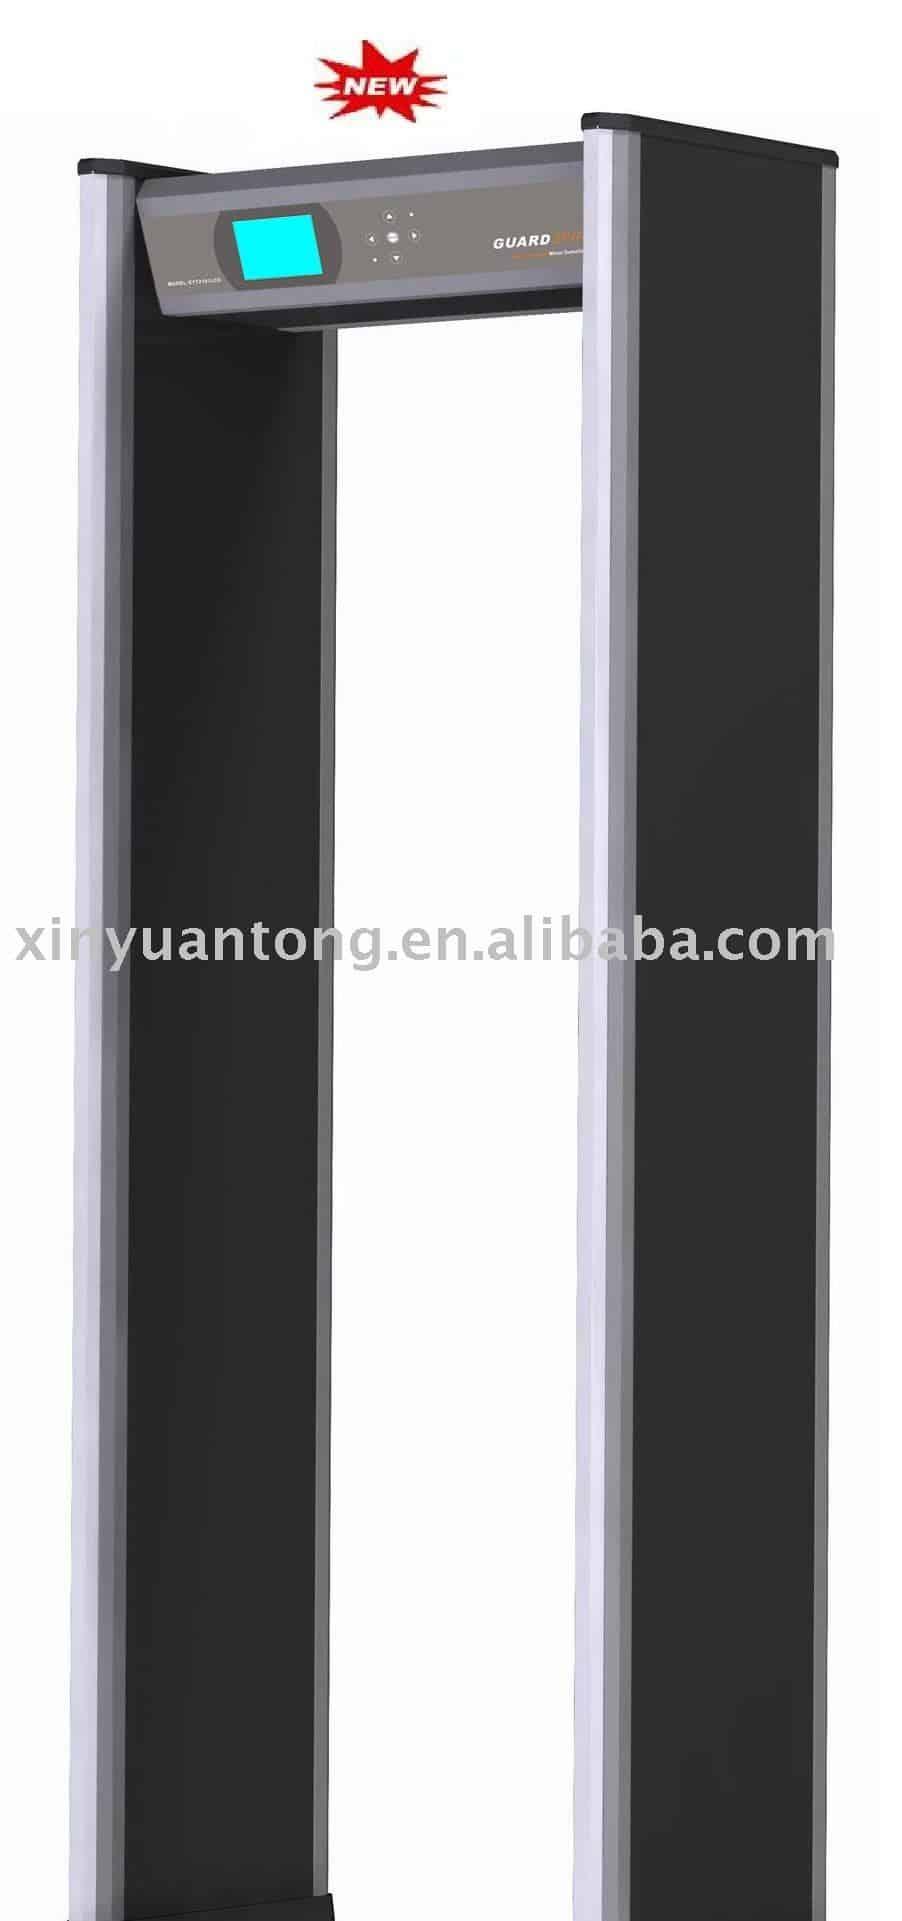 Cổng Dò Kim Loại Guardspirit XYT2101LCD( 6-18 Zones)HP